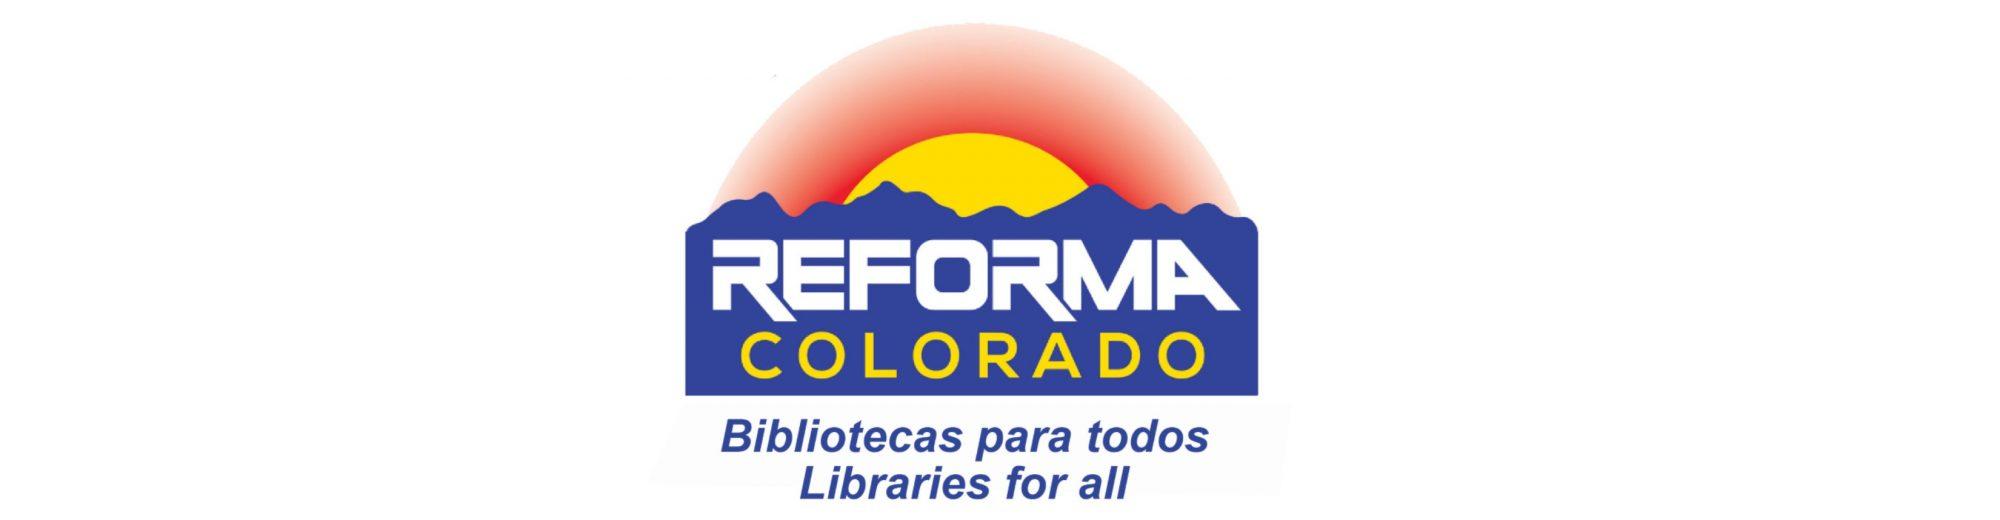 REFORMA Colorado